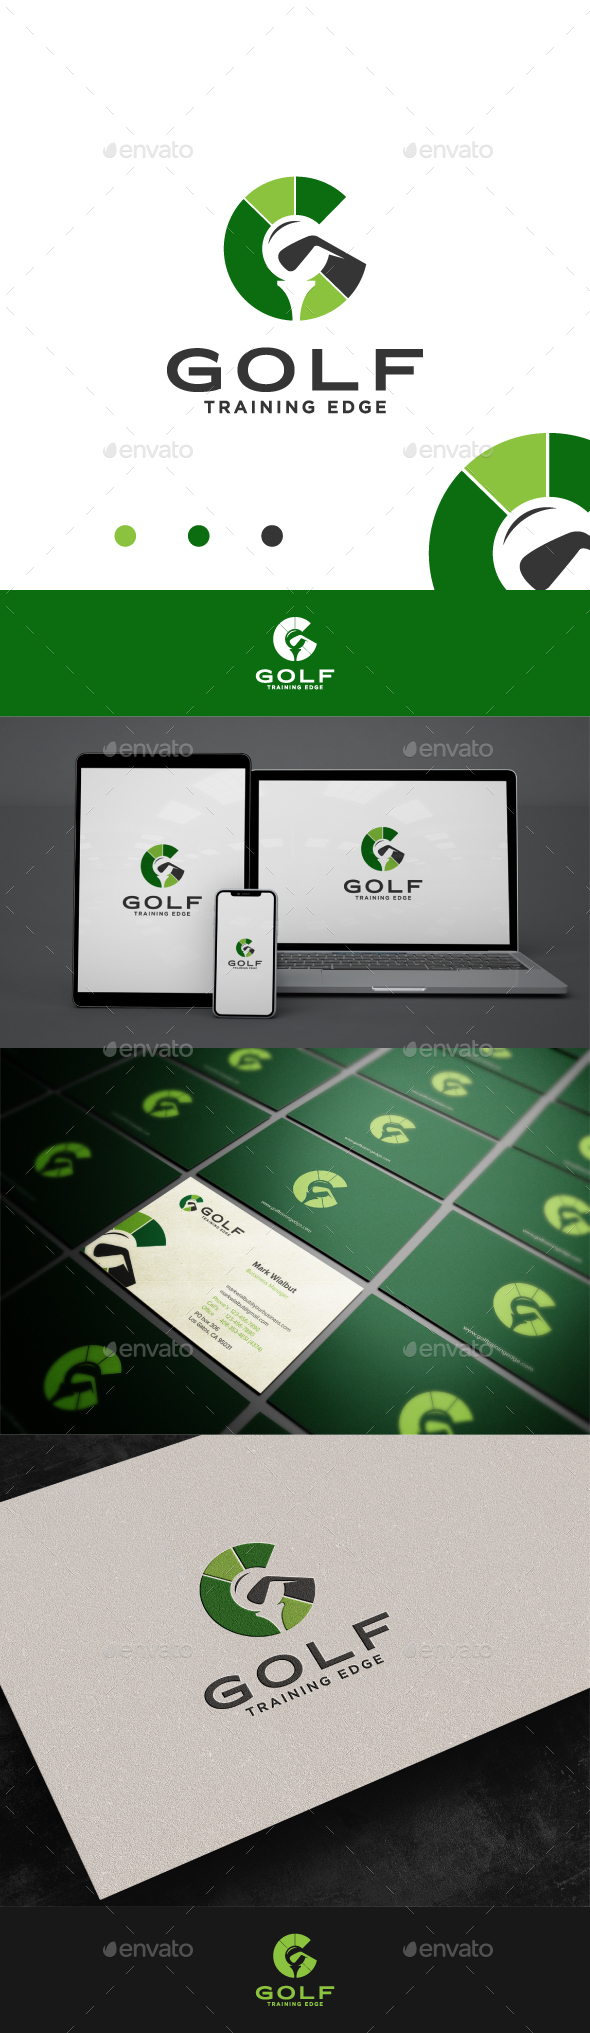 Golf Logo - Letter G